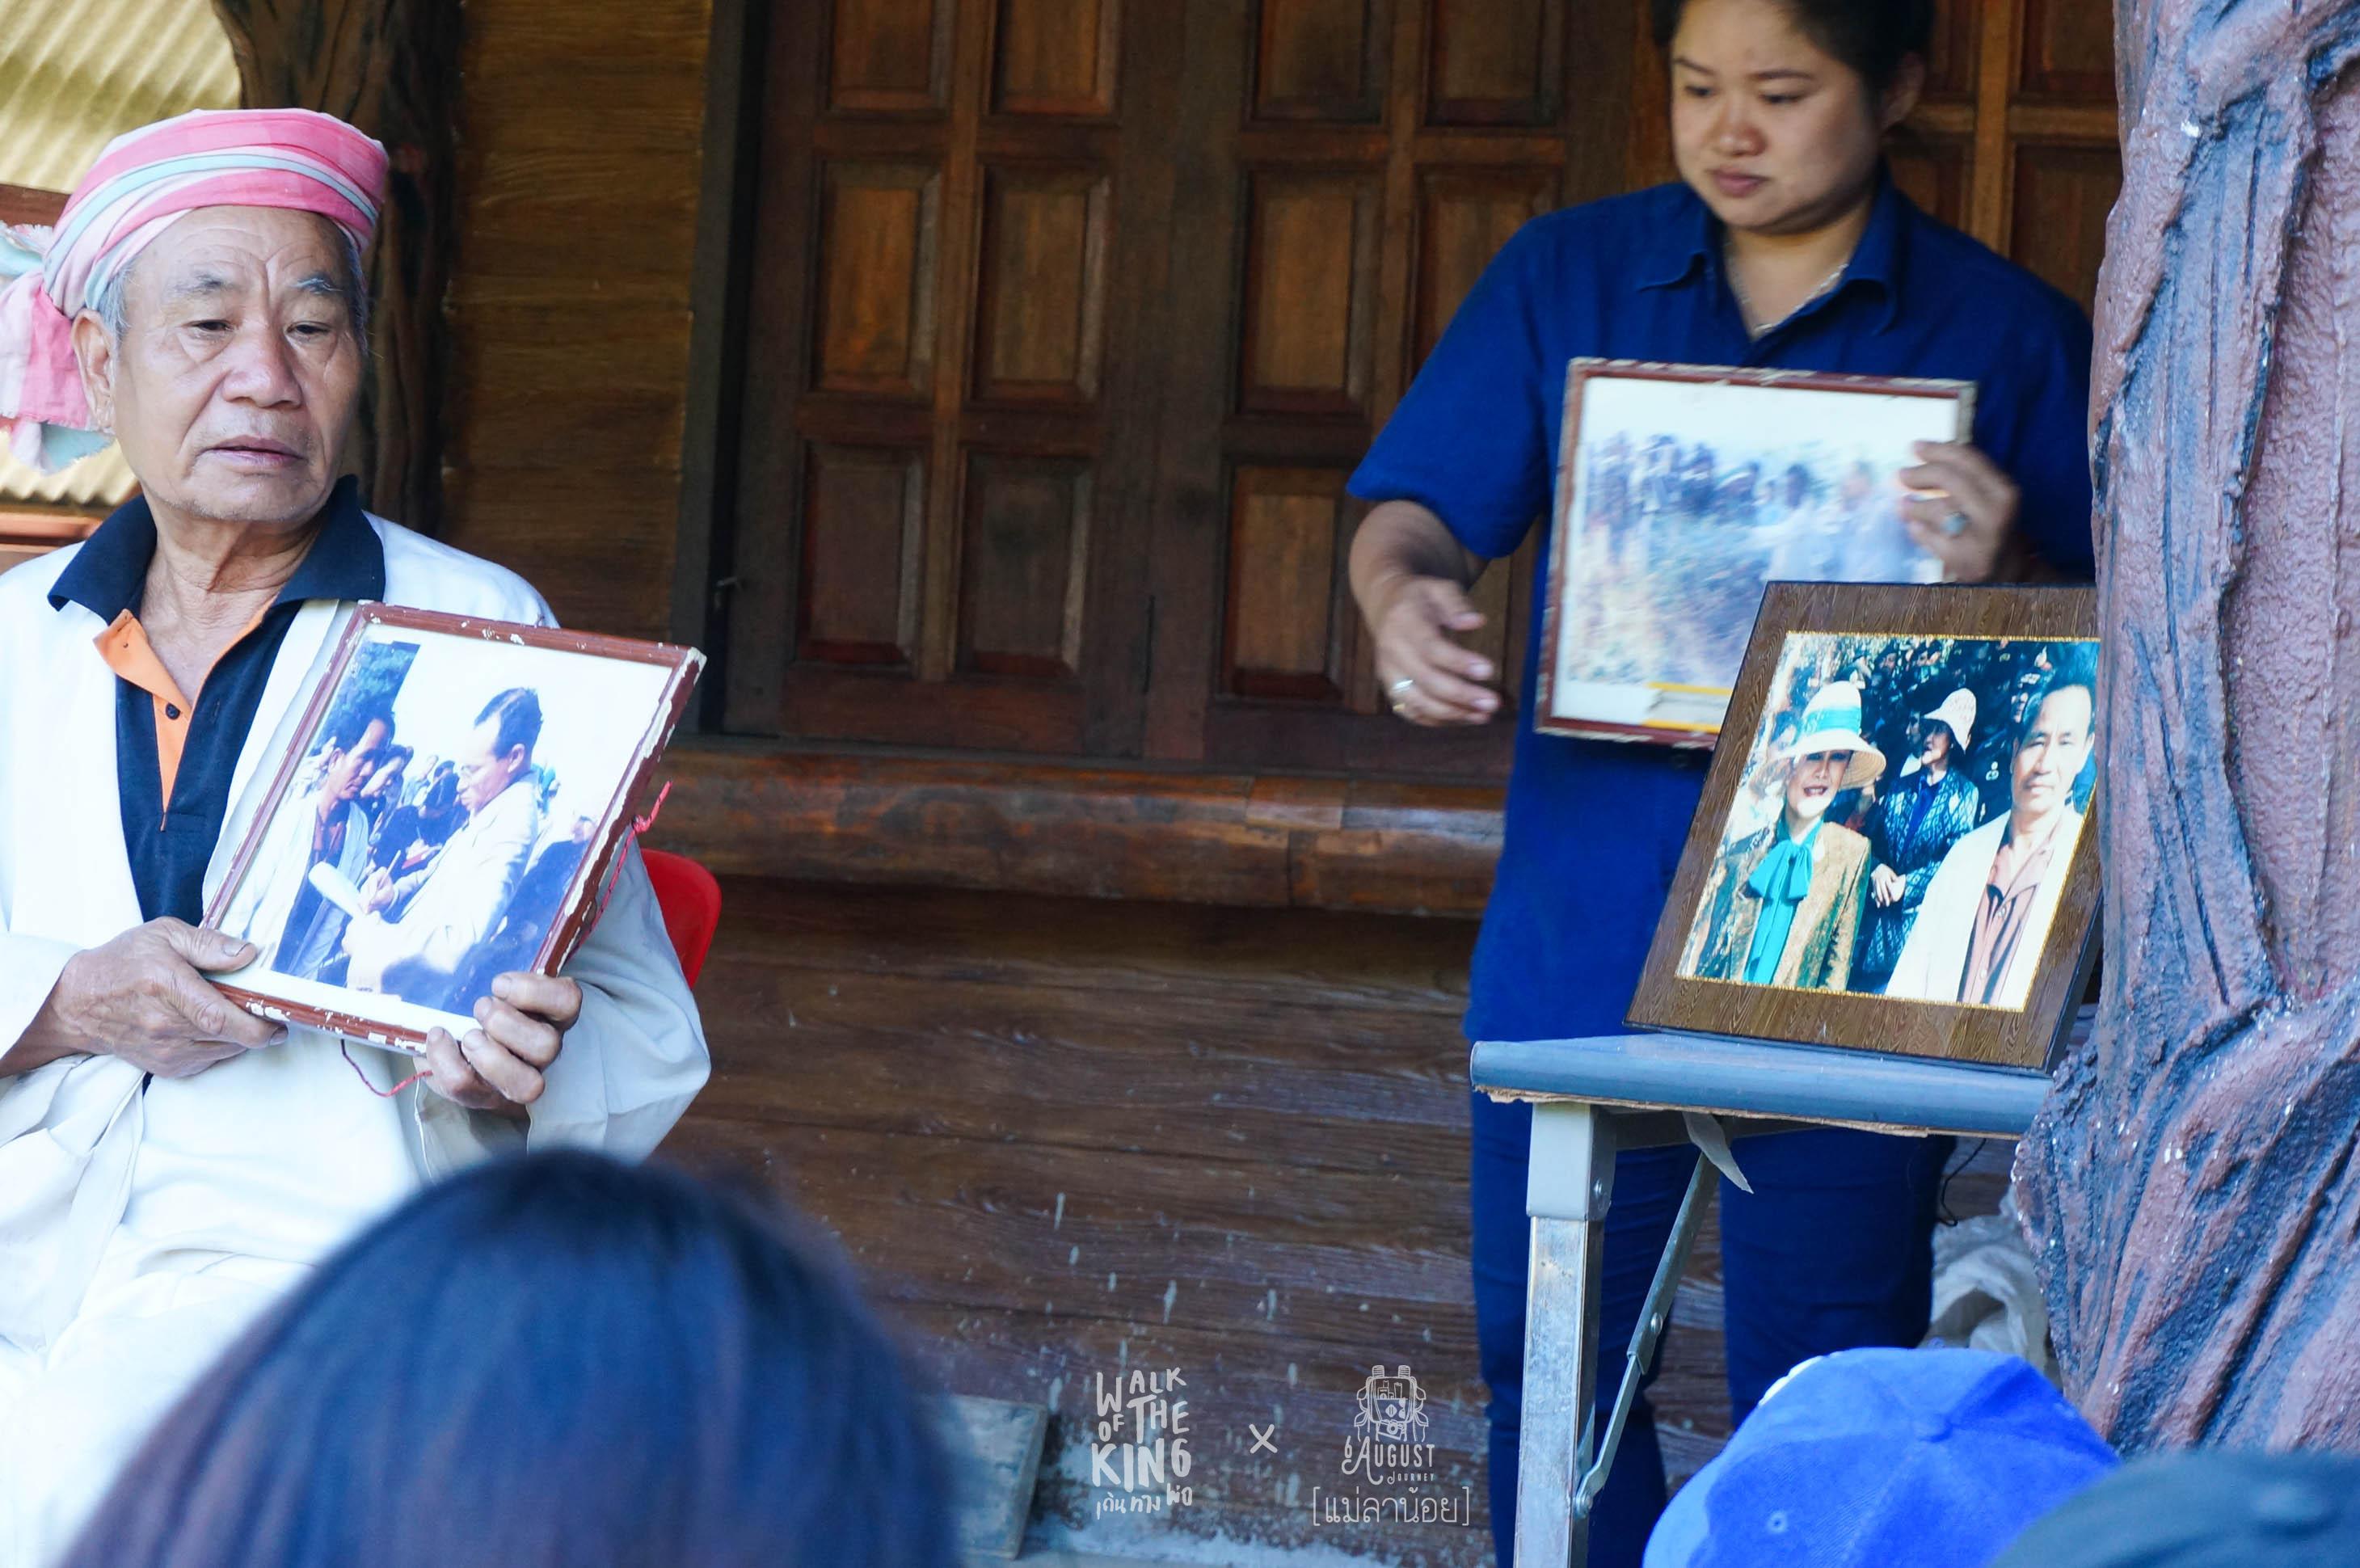 ซ้ายมือเป็นภาพถ่ายในหลวง กับ ปู่บุญโสม โดยฝีพระหัตถ์ของพระราชีนี ส่วนขวามือเป็นภาพถ่ายฝีพระหัตถ์ของในหลวง